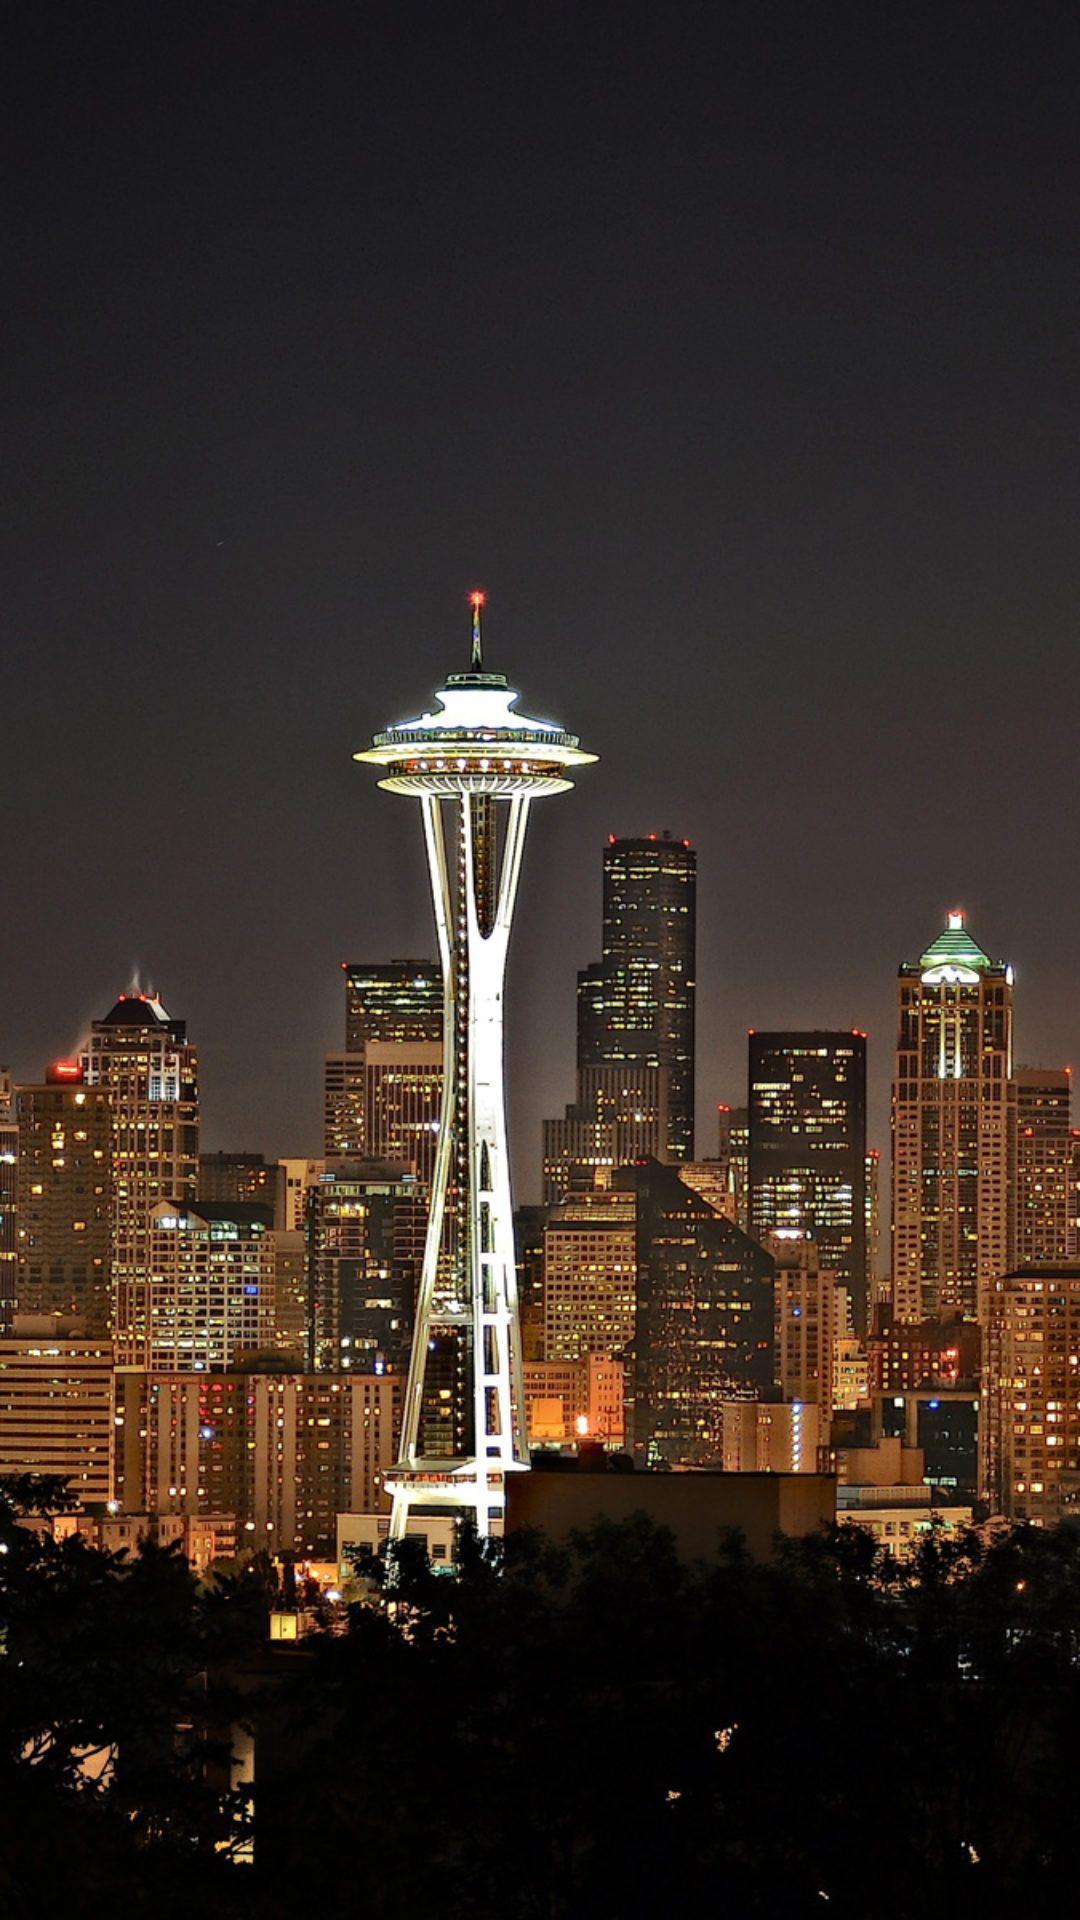 Seattle Widescreen Wallpapers Seattle Wallpaper Iphone Wallpaper Sky Widescreen Wallpaper